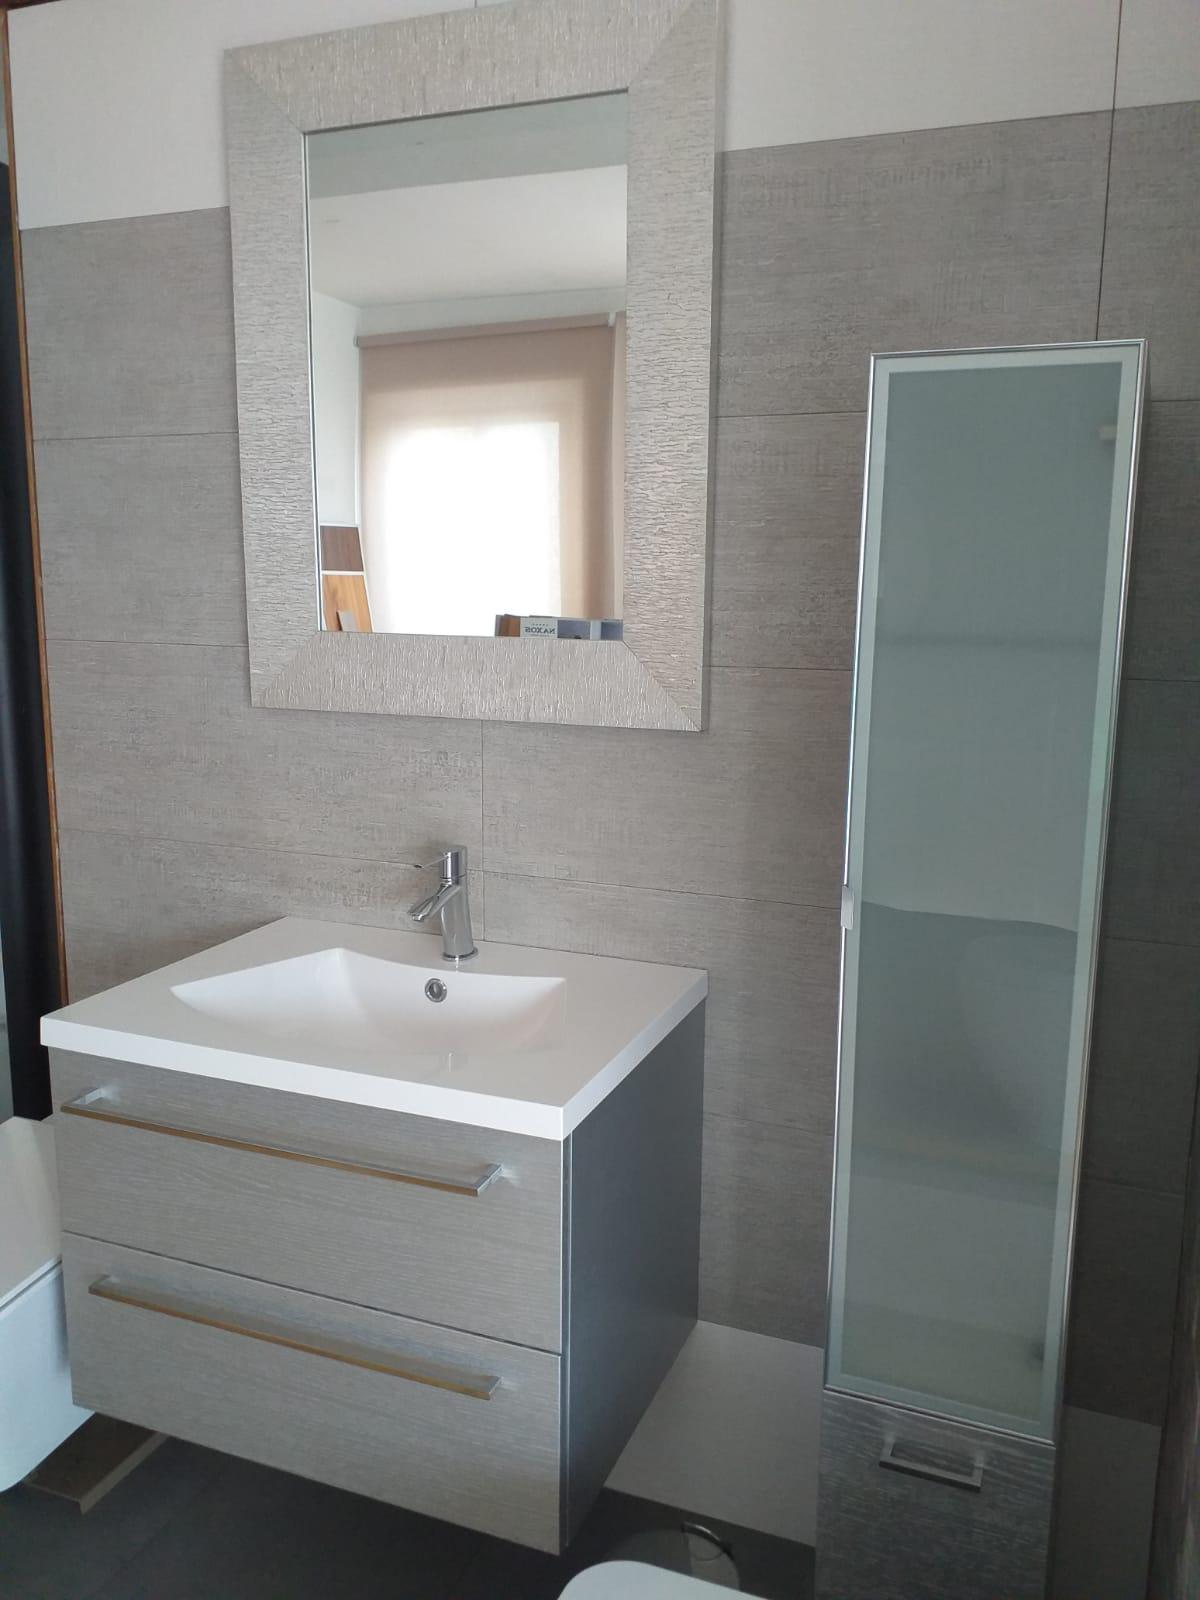 Offerta Mobile Bagno E Colonna Argento Con Specchio D Arredo Provincia Di Ancona